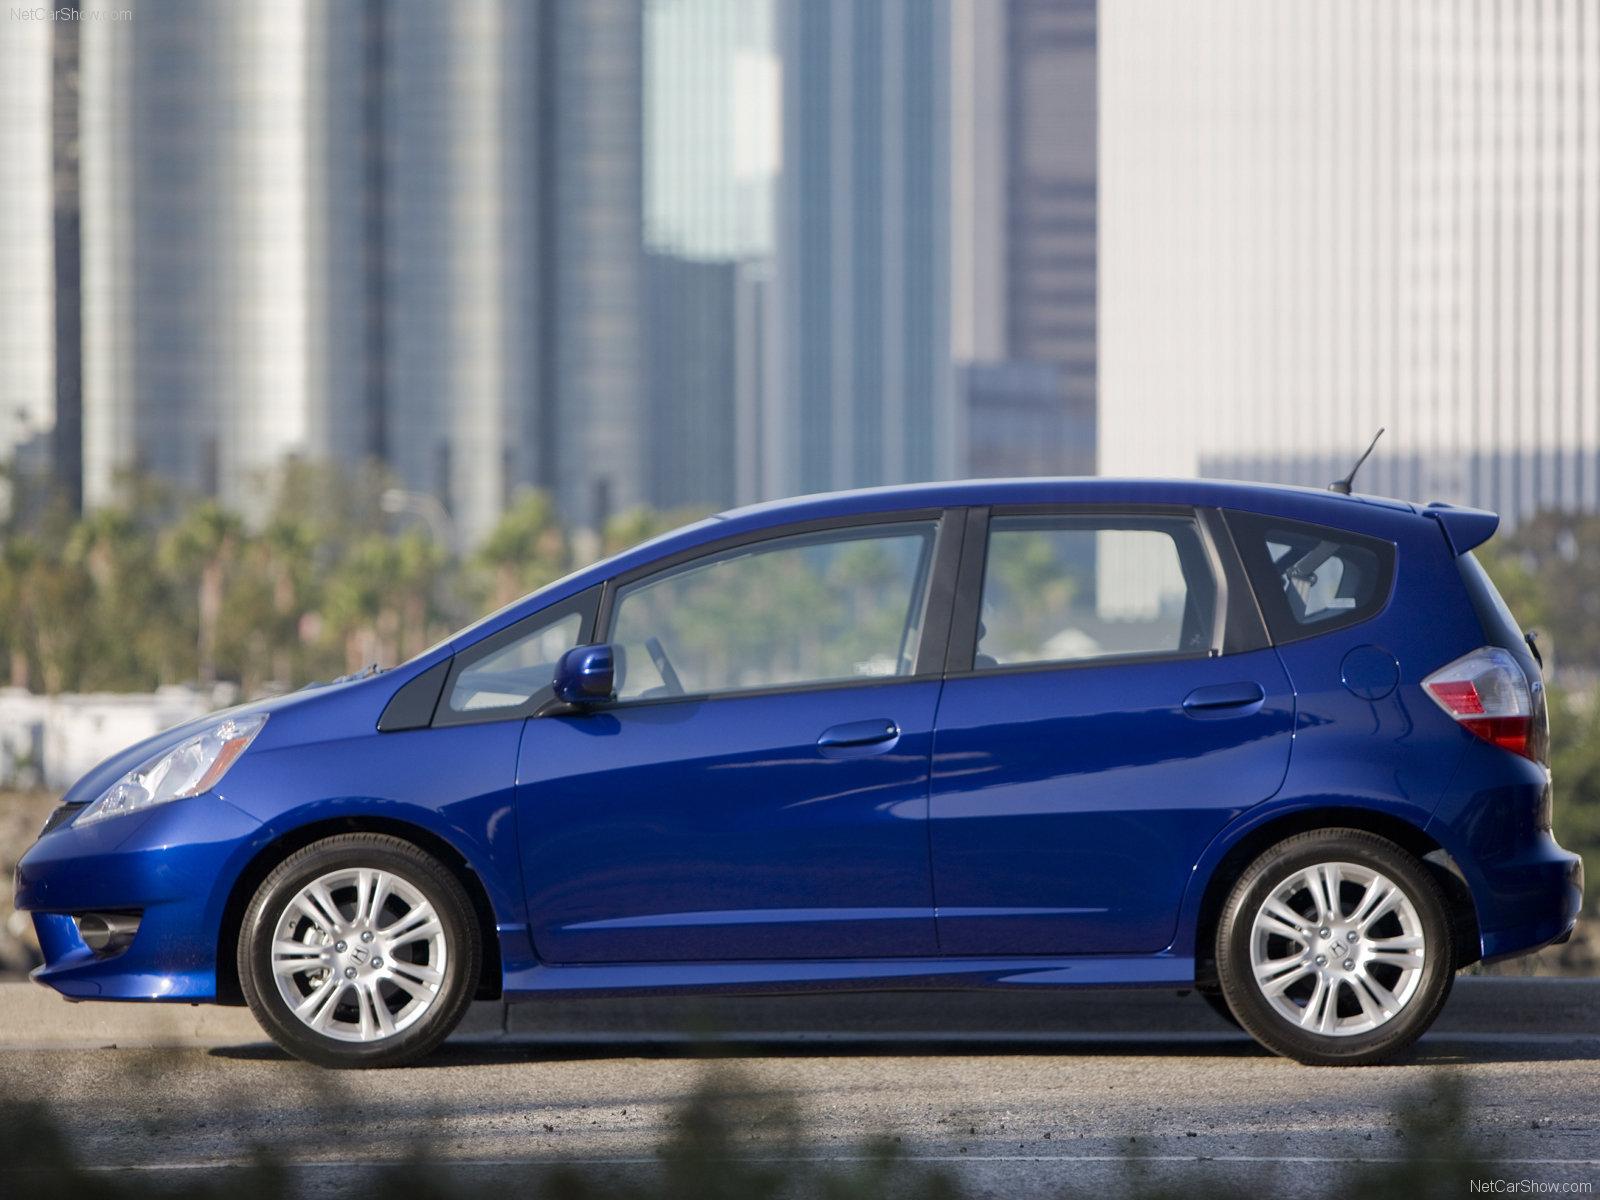 разработке моделей, хонда фит красивая картинка принадлежит роду тихоокеанских